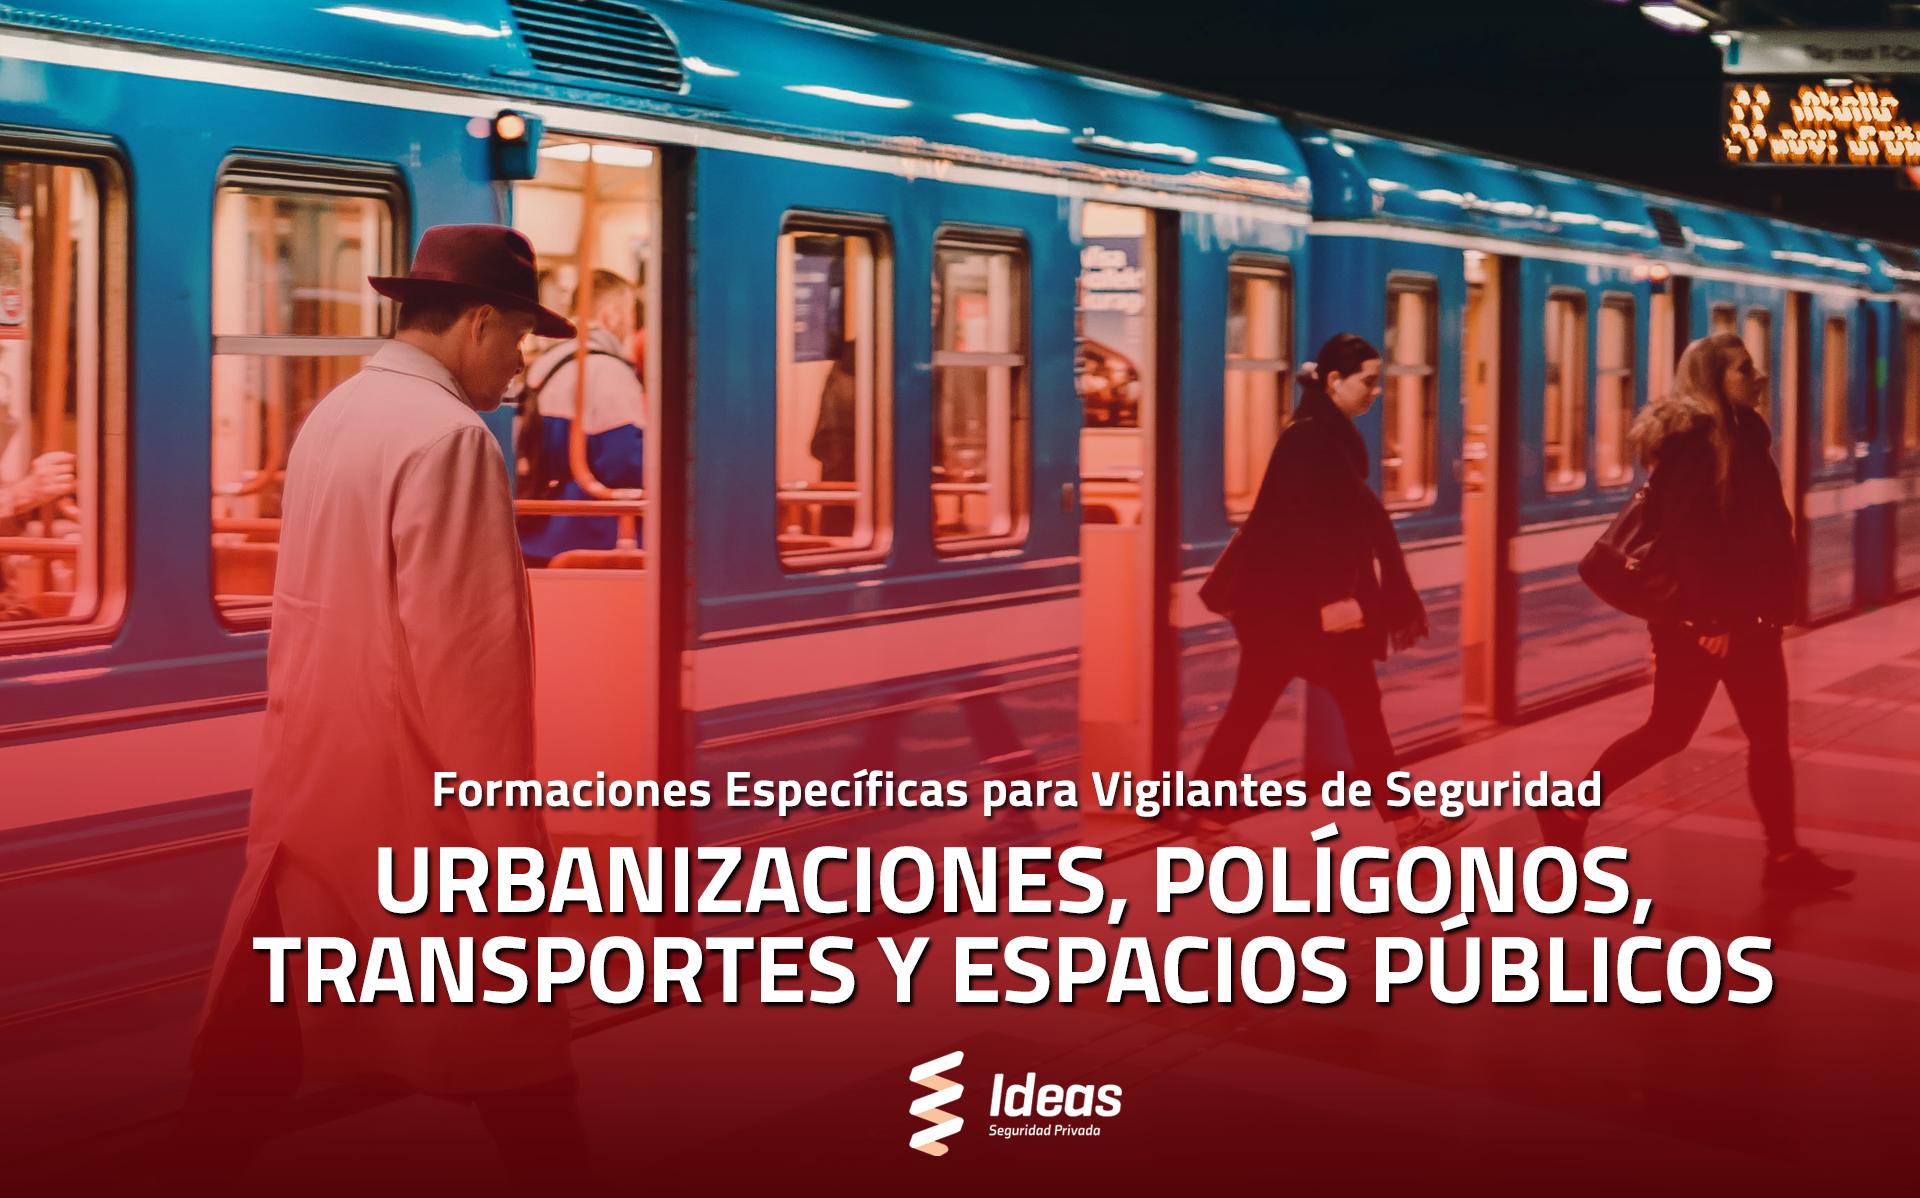 Urbanizaciones, Polígonos, Transportes y Espacios Públicos